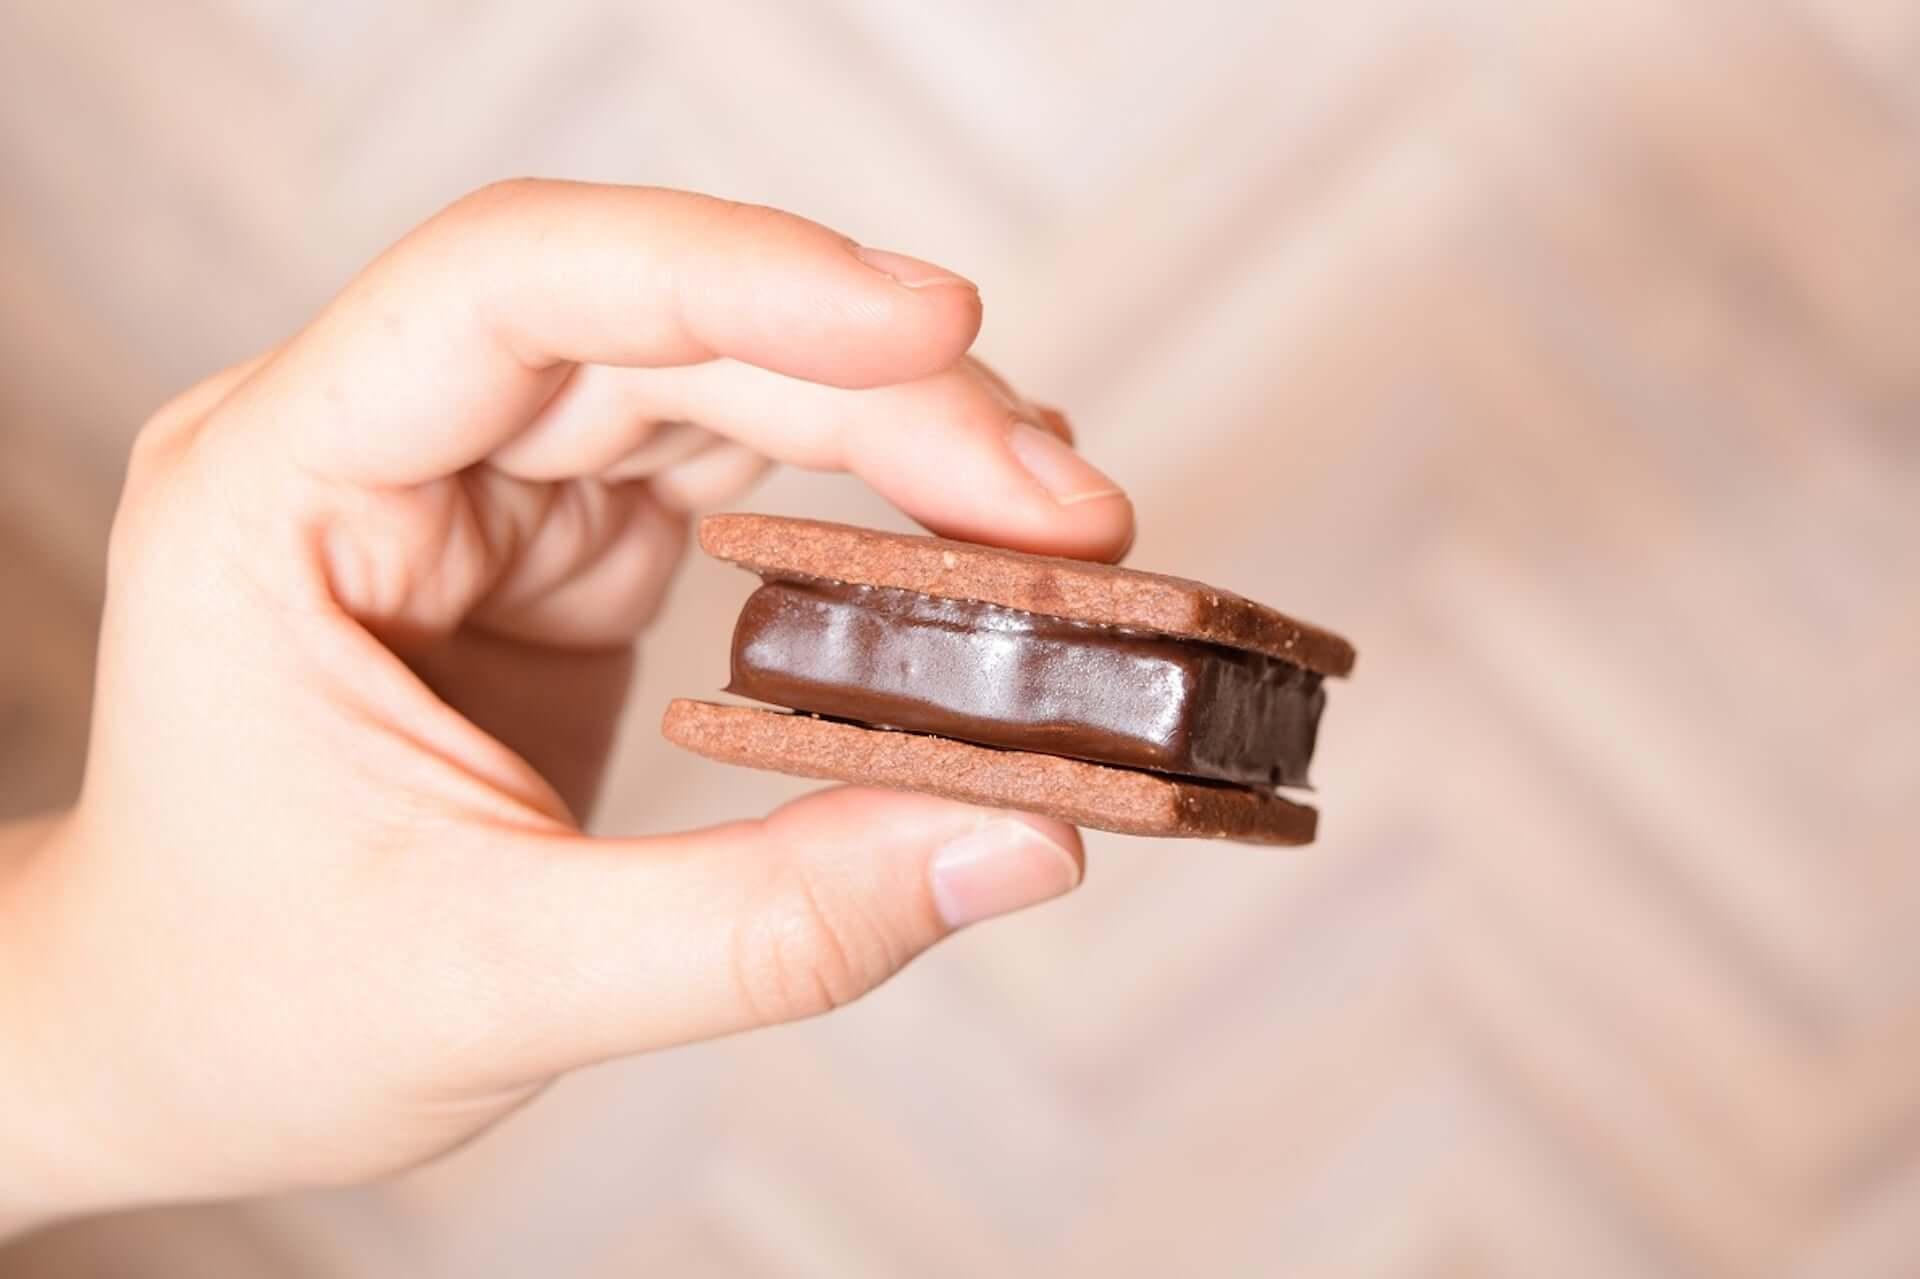 香り豊かなラムレーズンとホワイトチョコレートがコラボ!「信州ショコラトリーGAKU」から新たなチョコレートサンドが登場 gourmet210318_gaku-chocolate_7-1920x1279